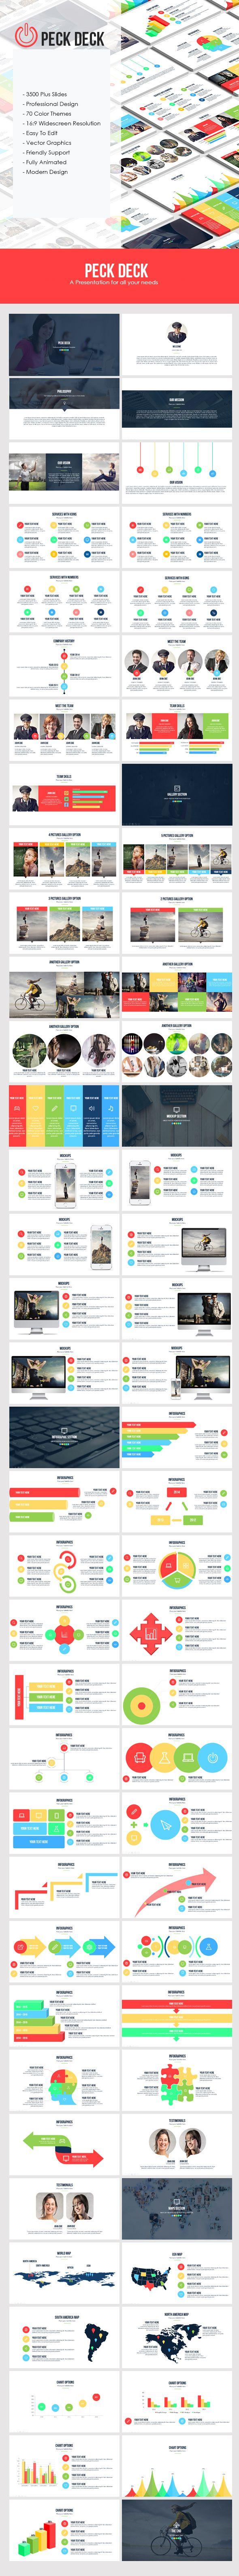 Peck Deck Keynote Template. Download here: http://graphicriver.net/item/peck-deck-keynote-template/16064034?ref=ksioks